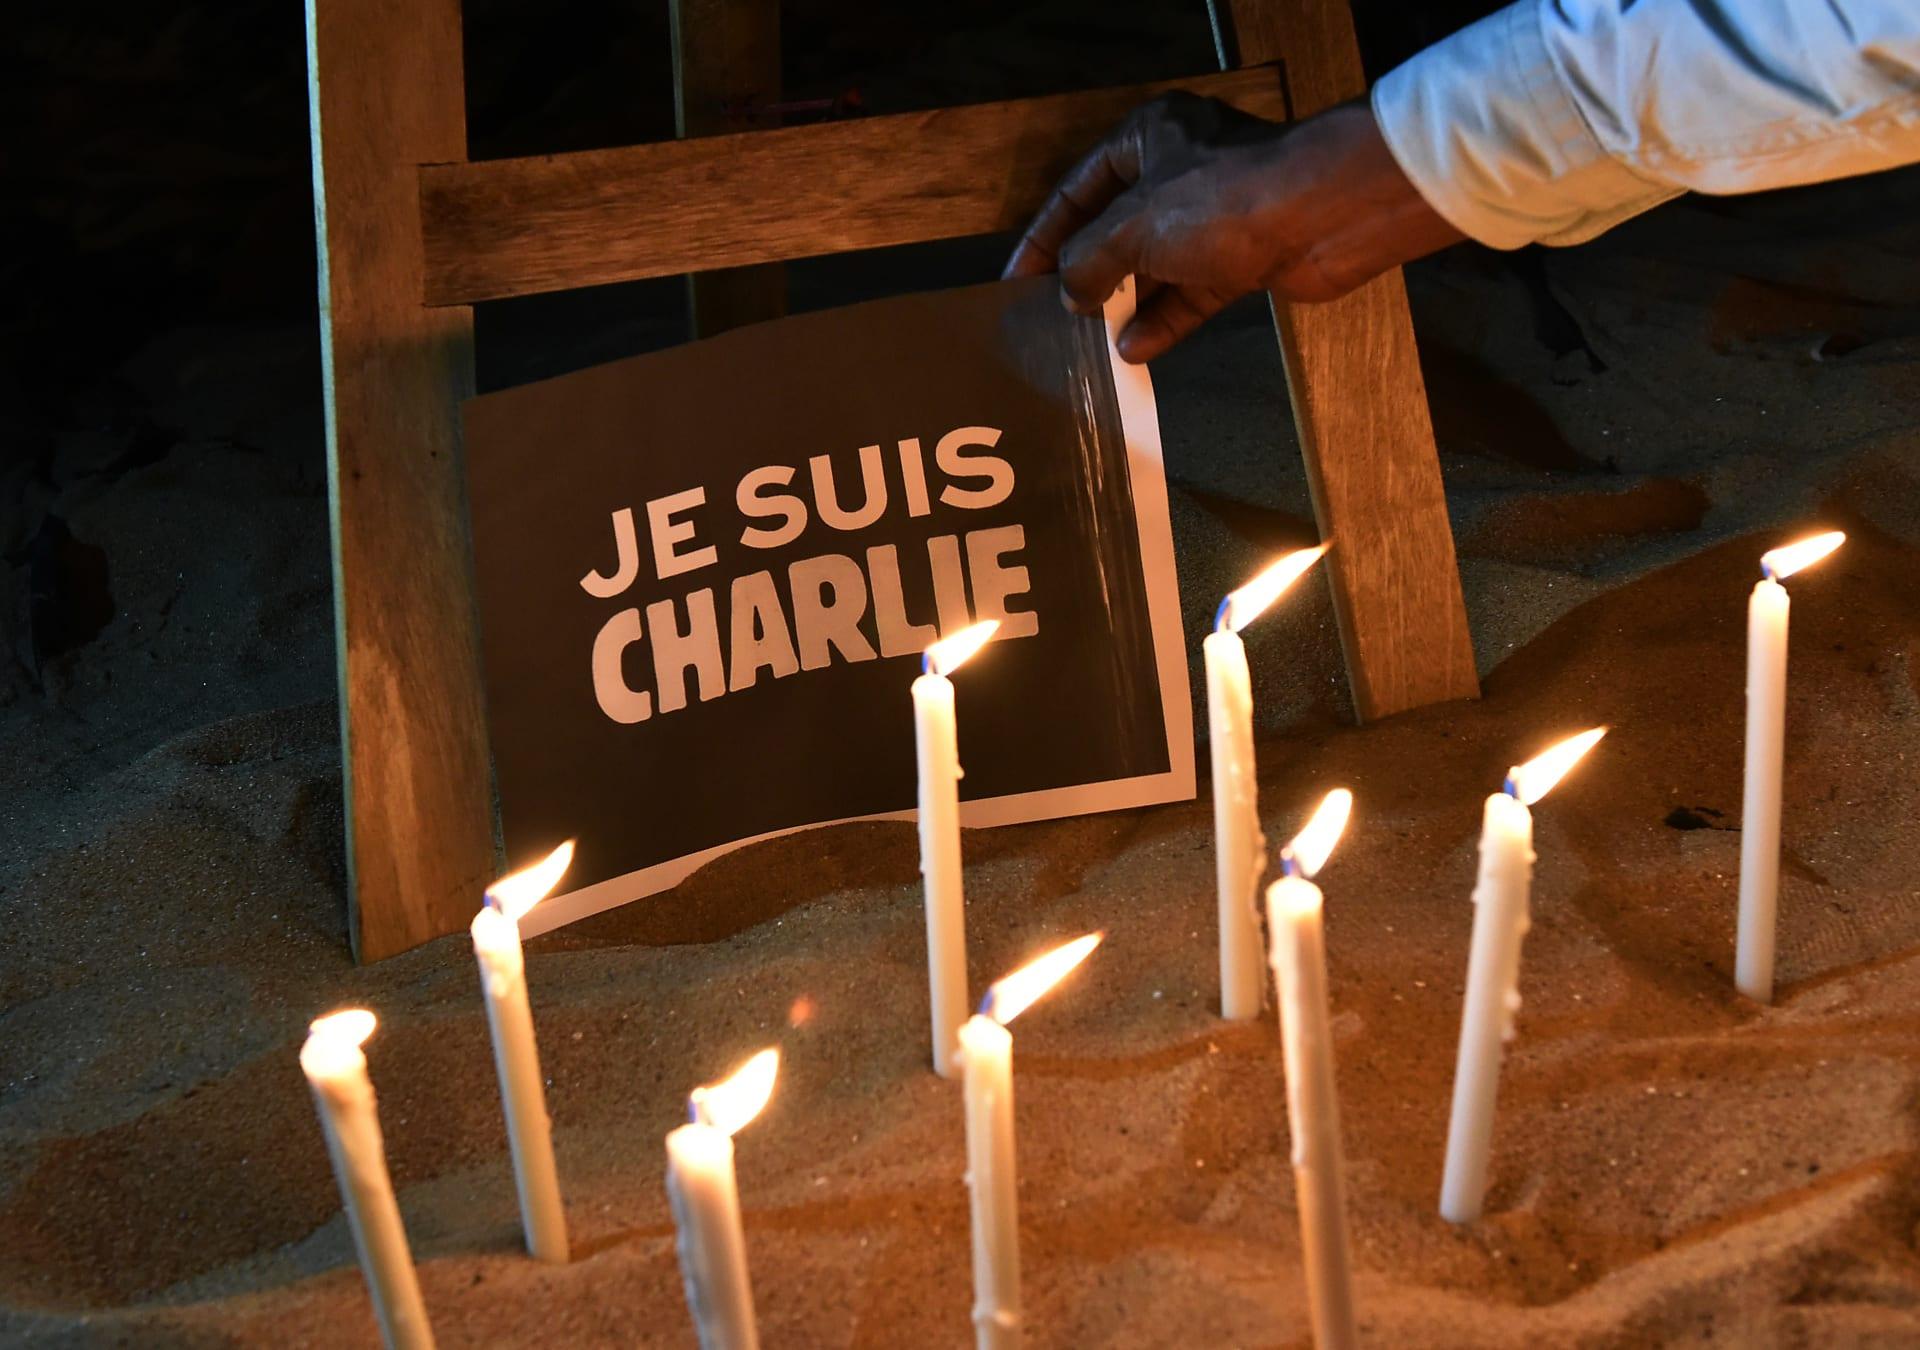 مواقع جهادية: تنظيم القاعدة في جزيرة العرب يثني على هجوم شارلي إيبدو ويهدد فرنسا بمزيد من الهجمات